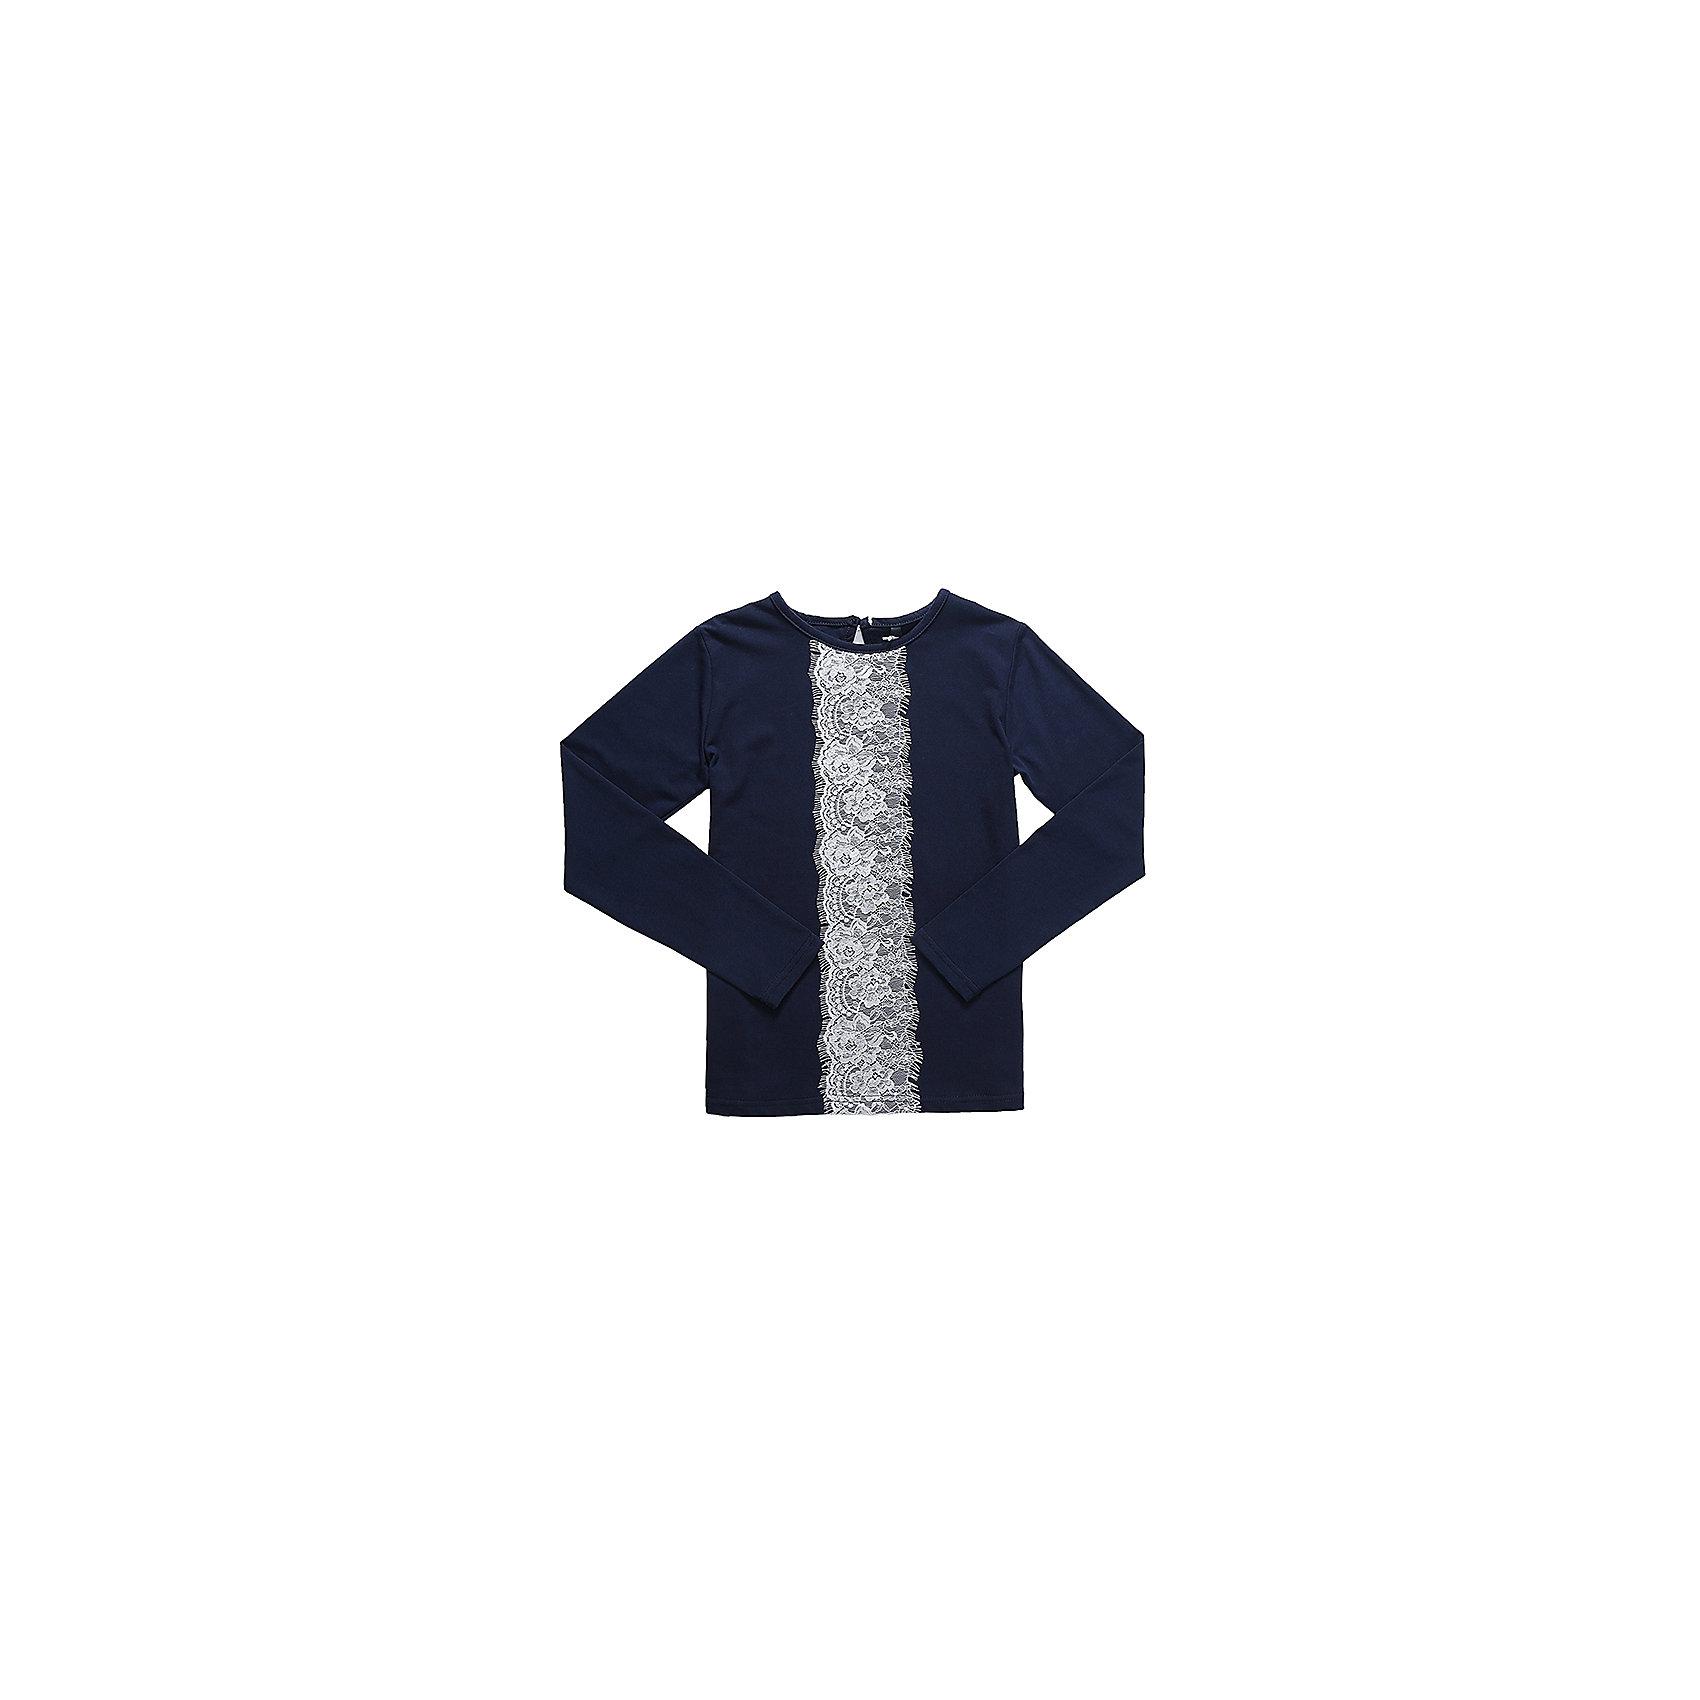 Блузка для девочки LuminosoБлузки и рубашки<br>Характеристики товара:<br><br>• цвет: синий;<br>• состав: 95% хлопок, 5% эластан;<br>• сезон: демисезон;<br>• особенности: школьная, с кружевом;<br>• с длинным рукавом;<br>• застежка: пуговица сзади на горловине;<br>• декорирована кружевной вставкой; <br>• страна бренда: Россия;<br>• страна производства: Китай.<br><br>Школьная блузка с длинным рукавом для девочки. Синяя блузка с округлым вырезом и длинным рукавом. Декорированная контрастной кружевной вставкой. Застегивается на пуговку на спинке.<br><br>Блузка для девочки Luminoso (Люминосо) можно купить в нашем интернет-магазине.<br><br>Ширина мм: 186<br>Глубина мм: 87<br>Высота мм: 198<br>Вес г: 197<br>Цвет: синий<br>Возраст от месяцев: 72<br>Возраст до месяцев: 84<br>Пол: Женский<br>Возраст: Детский<br>Размер: 122,164,128,134,140,146,152,158<br>SKU: 6672914